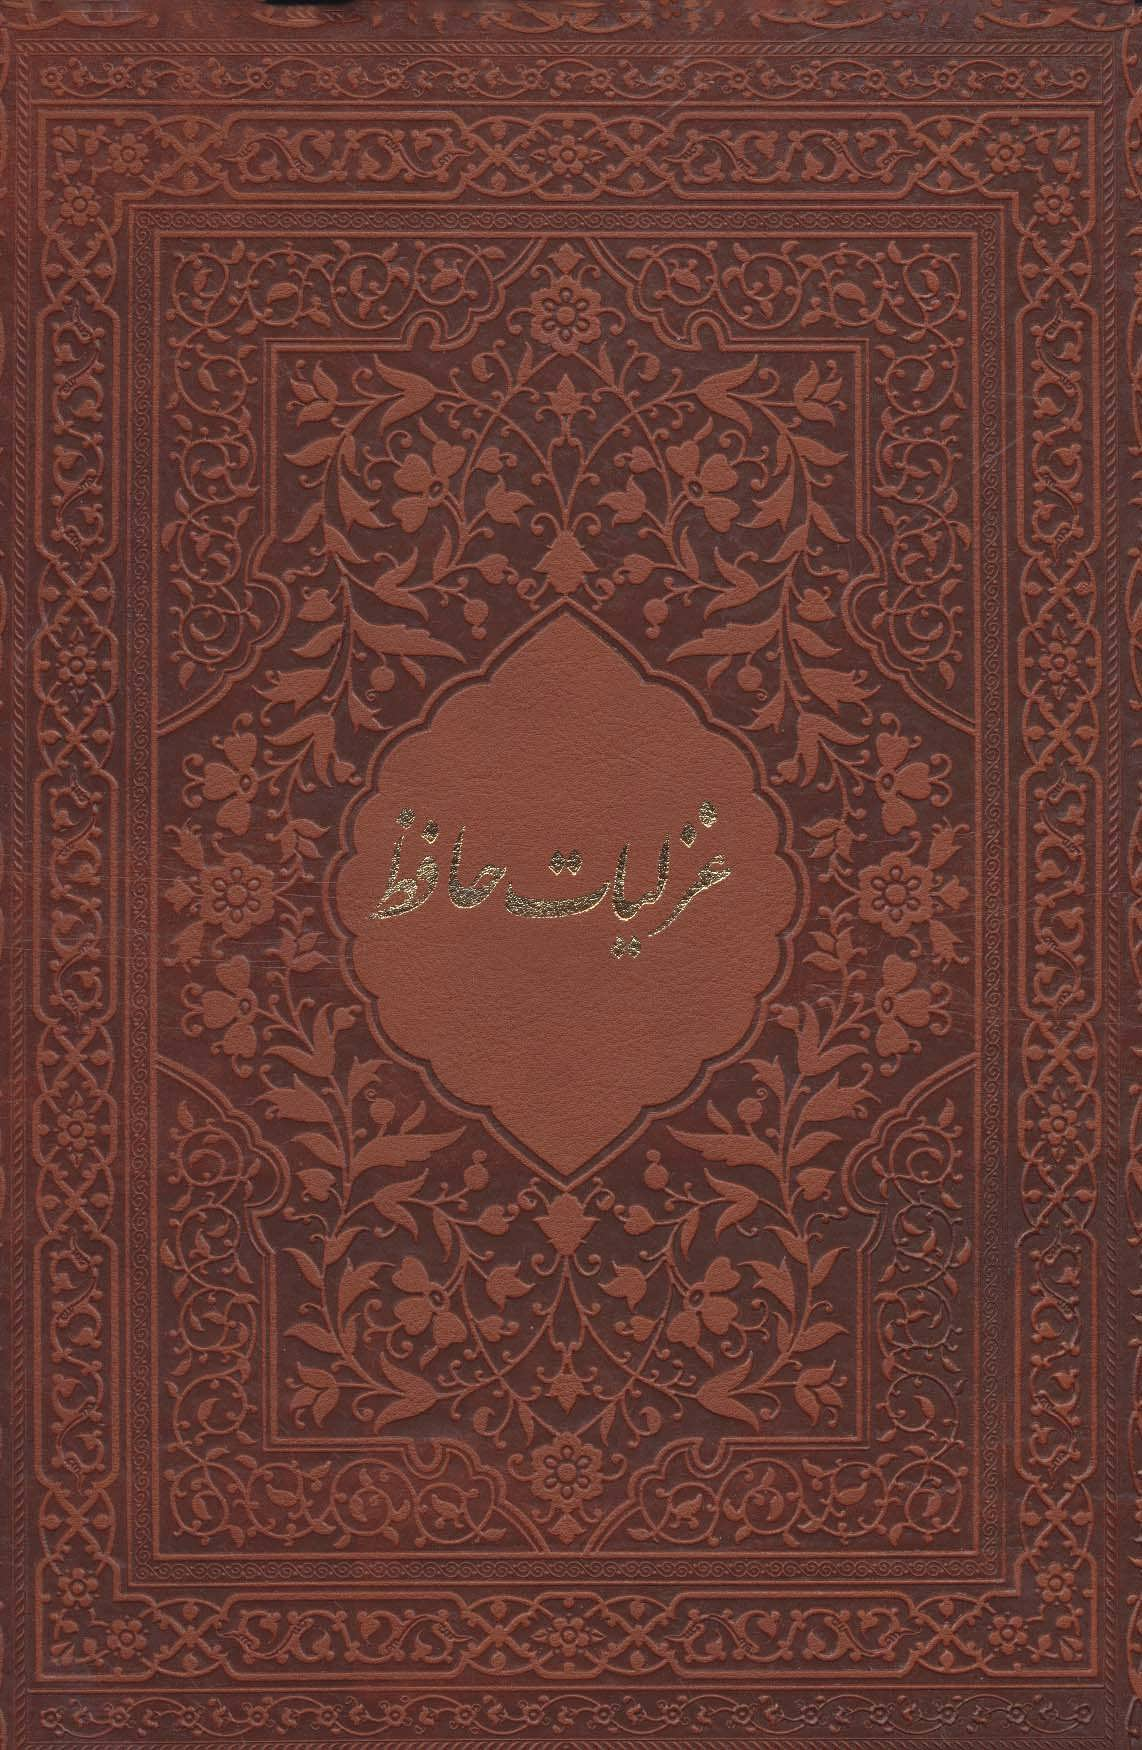 کتاب غزلیات حافظ محرمی